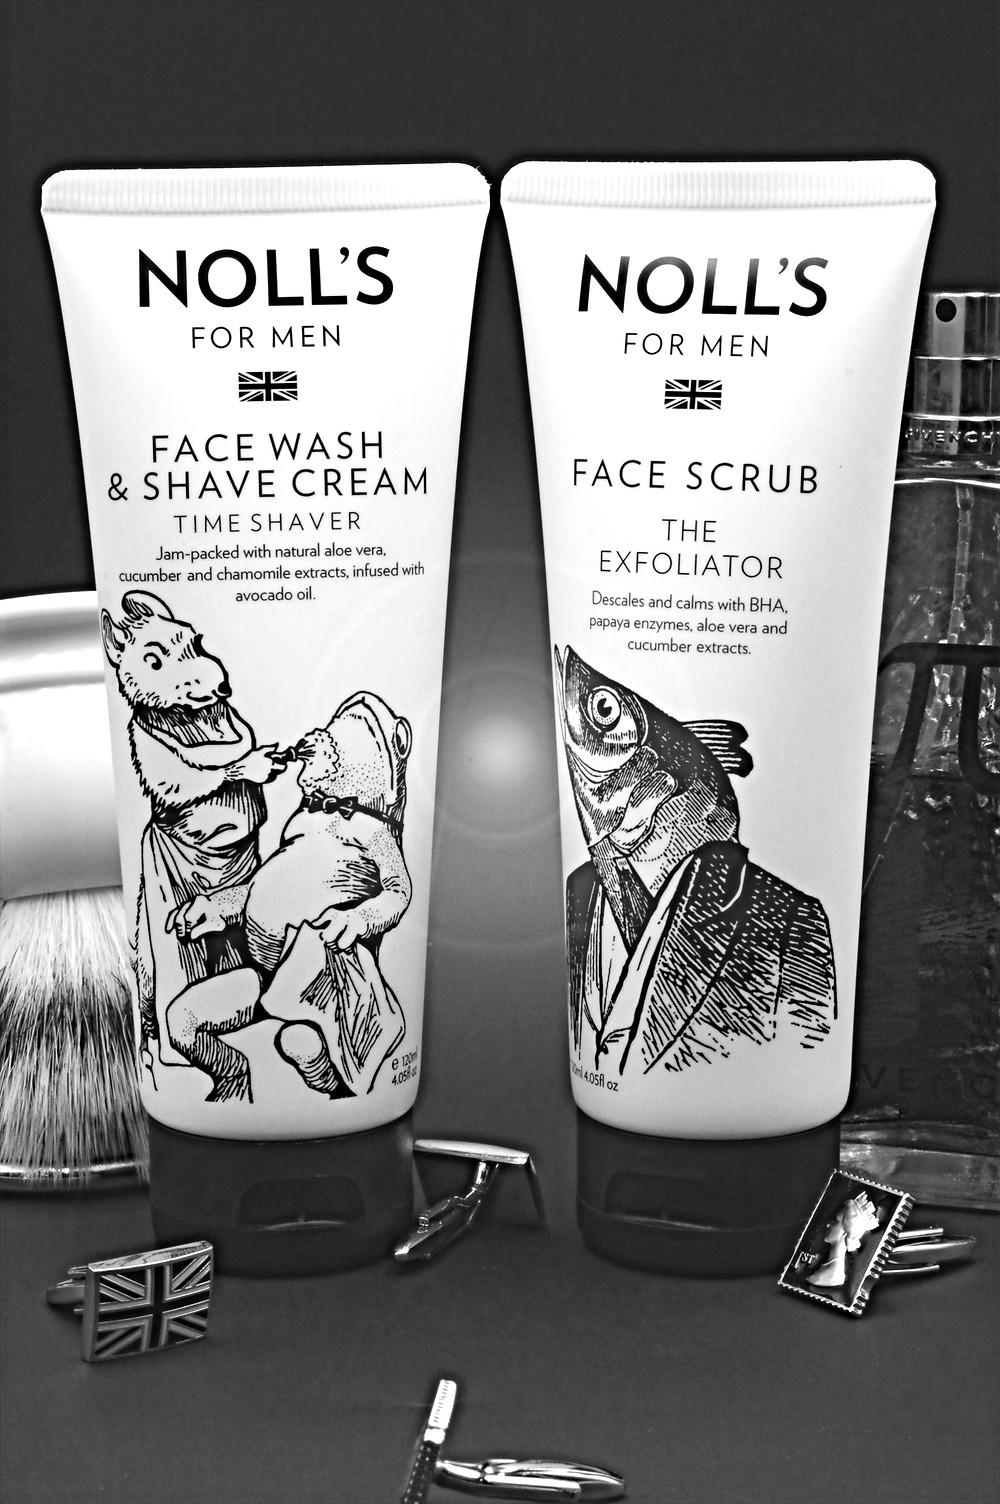 去角質霜搭配洗面刮鬍乳,讓刮鬍這件事更加輕鬆。